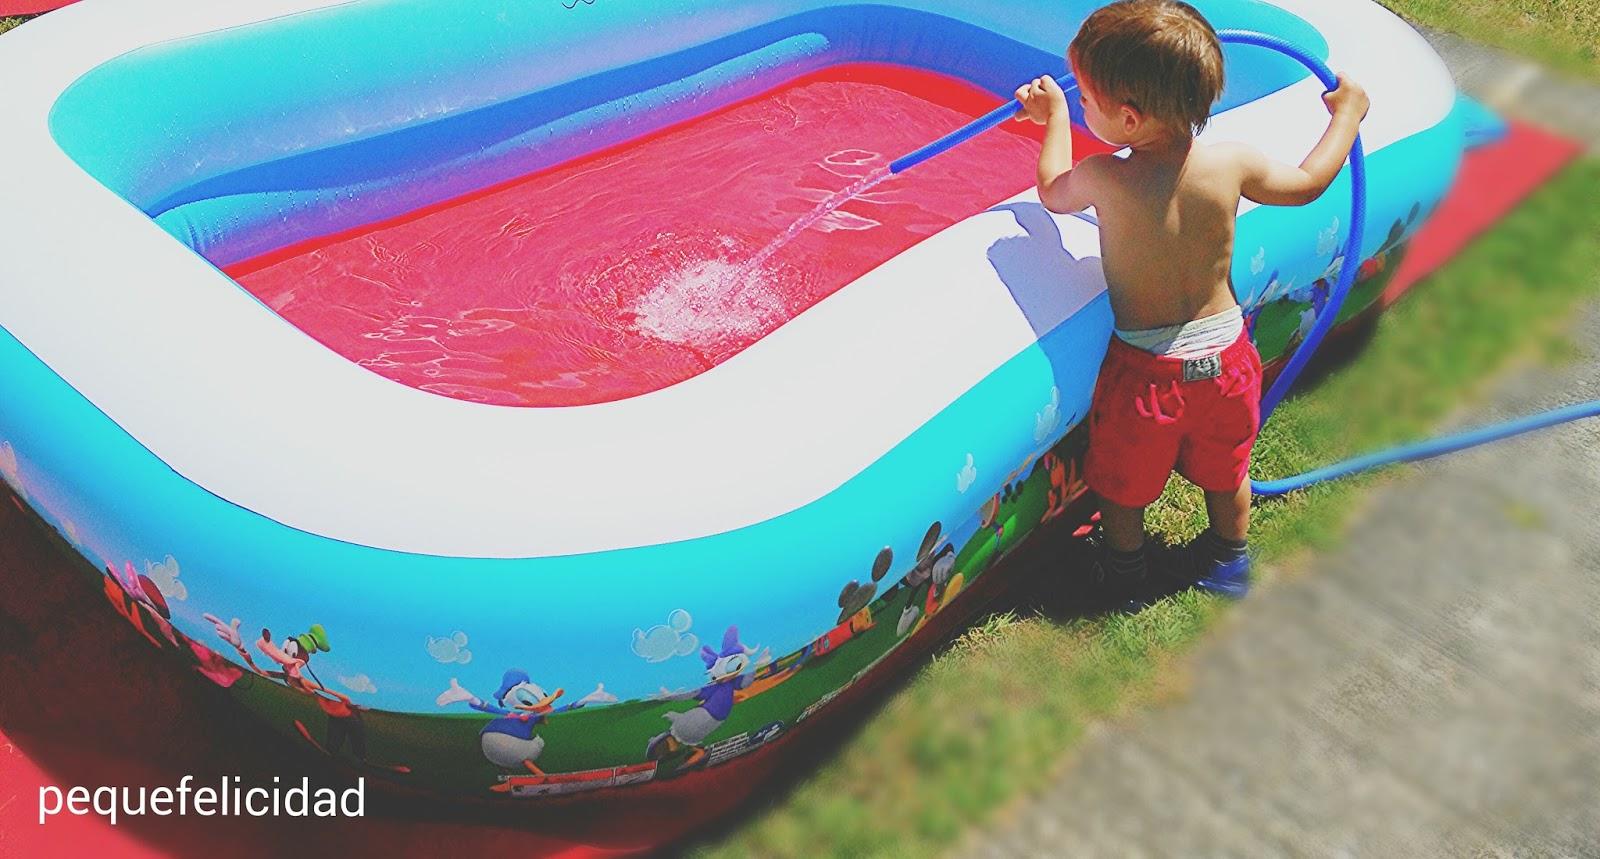 Pequefelicidad 10 juegos con agua para ni os de 1 a 2 a os for Llenar piscina